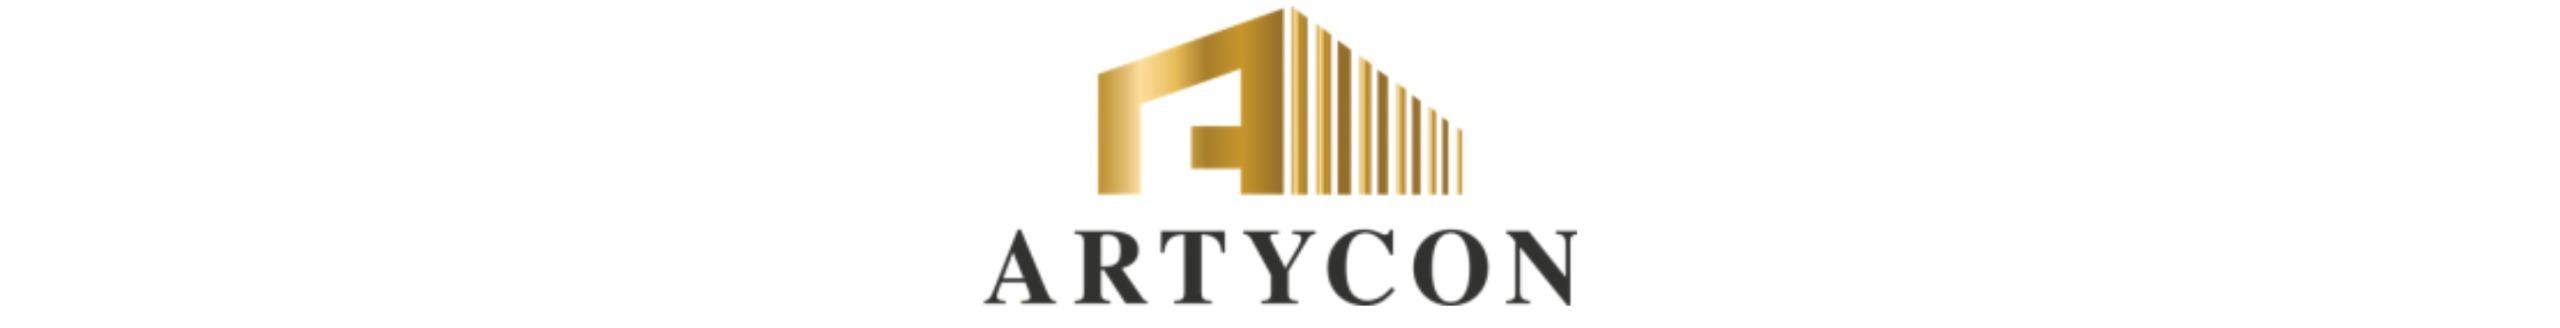 Artycon Builder (@artycons) Cover Image